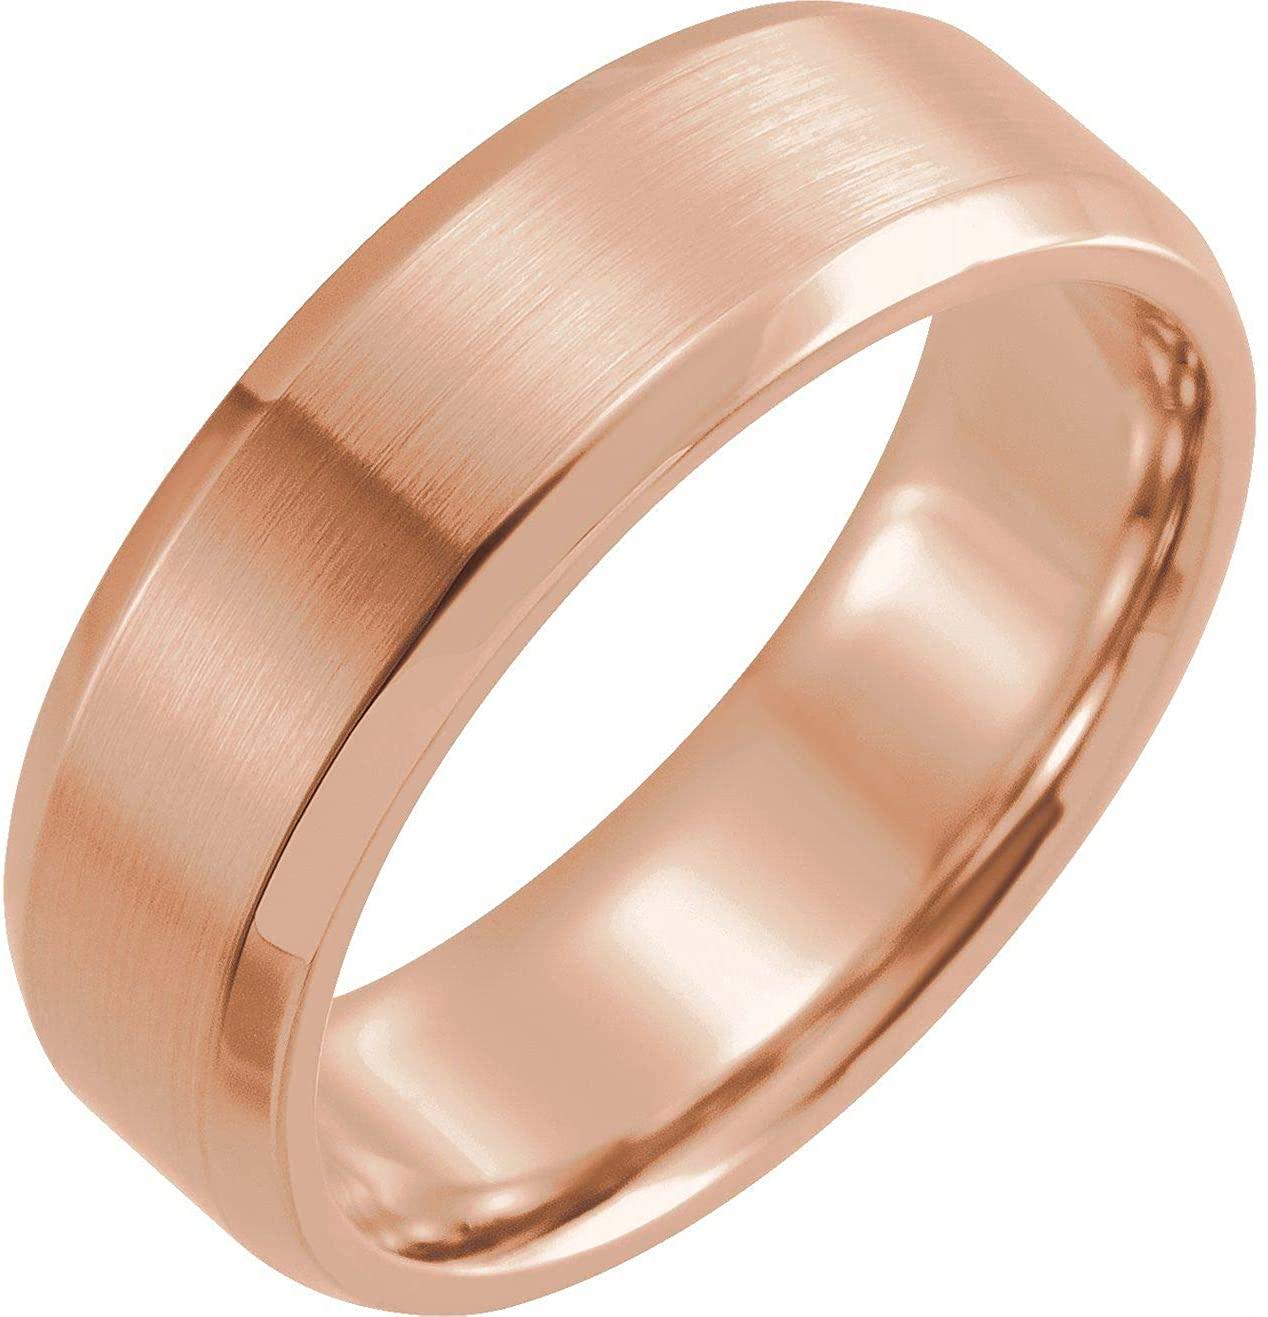 Bonyak Jewelry 18k Rose Gold 7mm Beveled-Edge Band with Satin Finish - Size 11